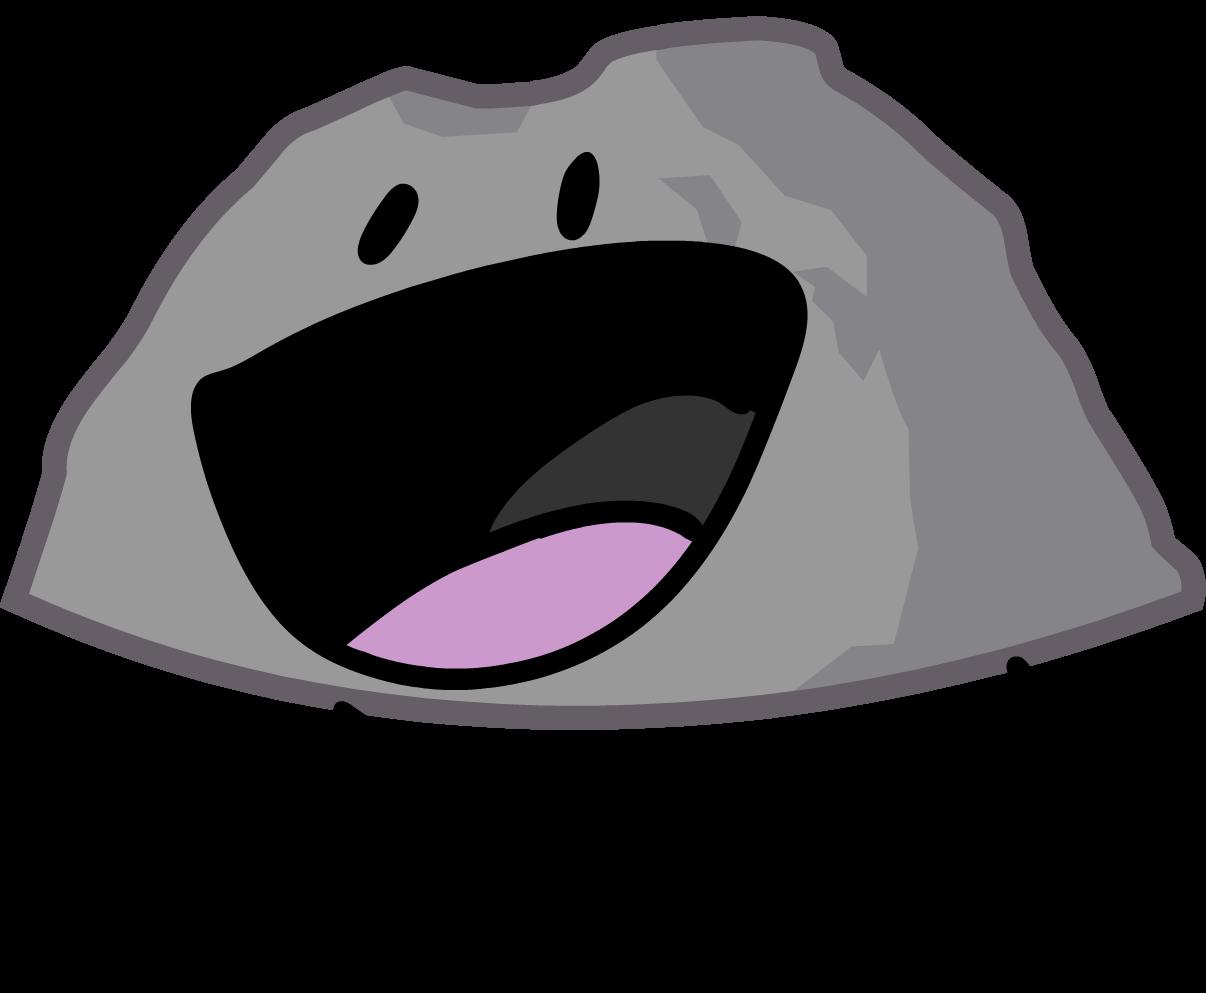 Rocky | Battle for Dream Island Wiki | FANDOM powered by Wikia